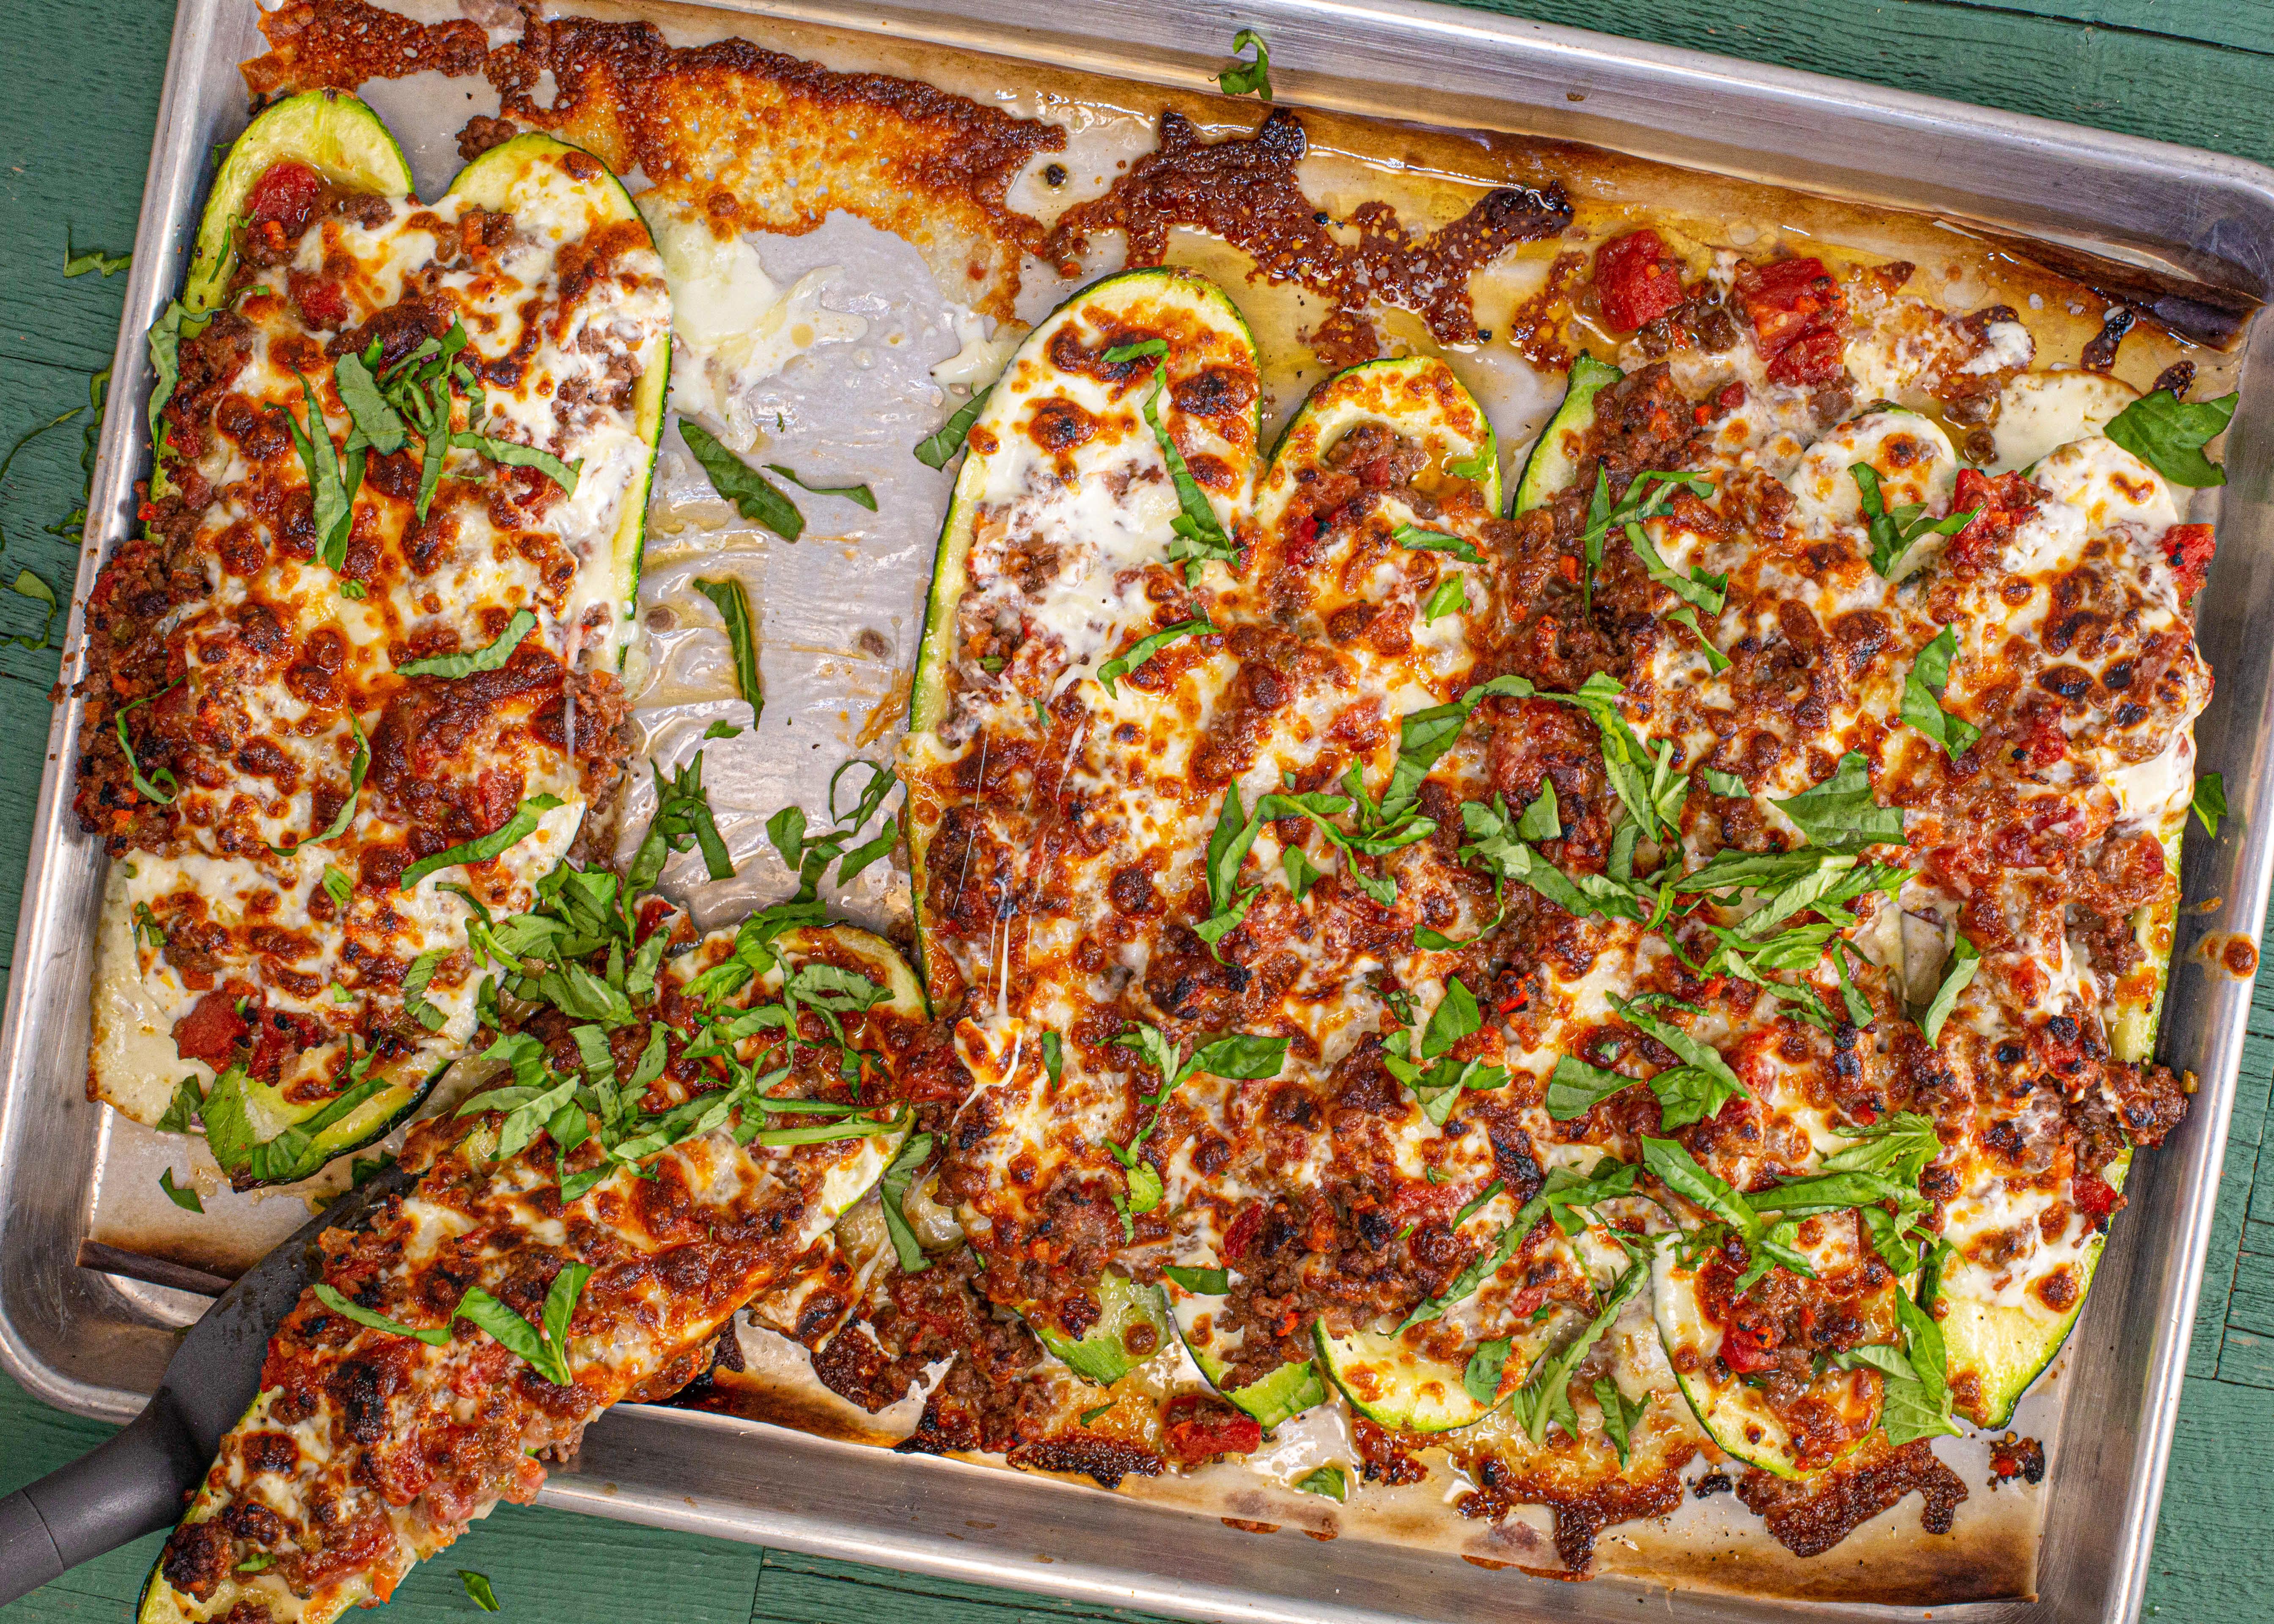 Keto Lasagna-Style Stuffed Zucchini